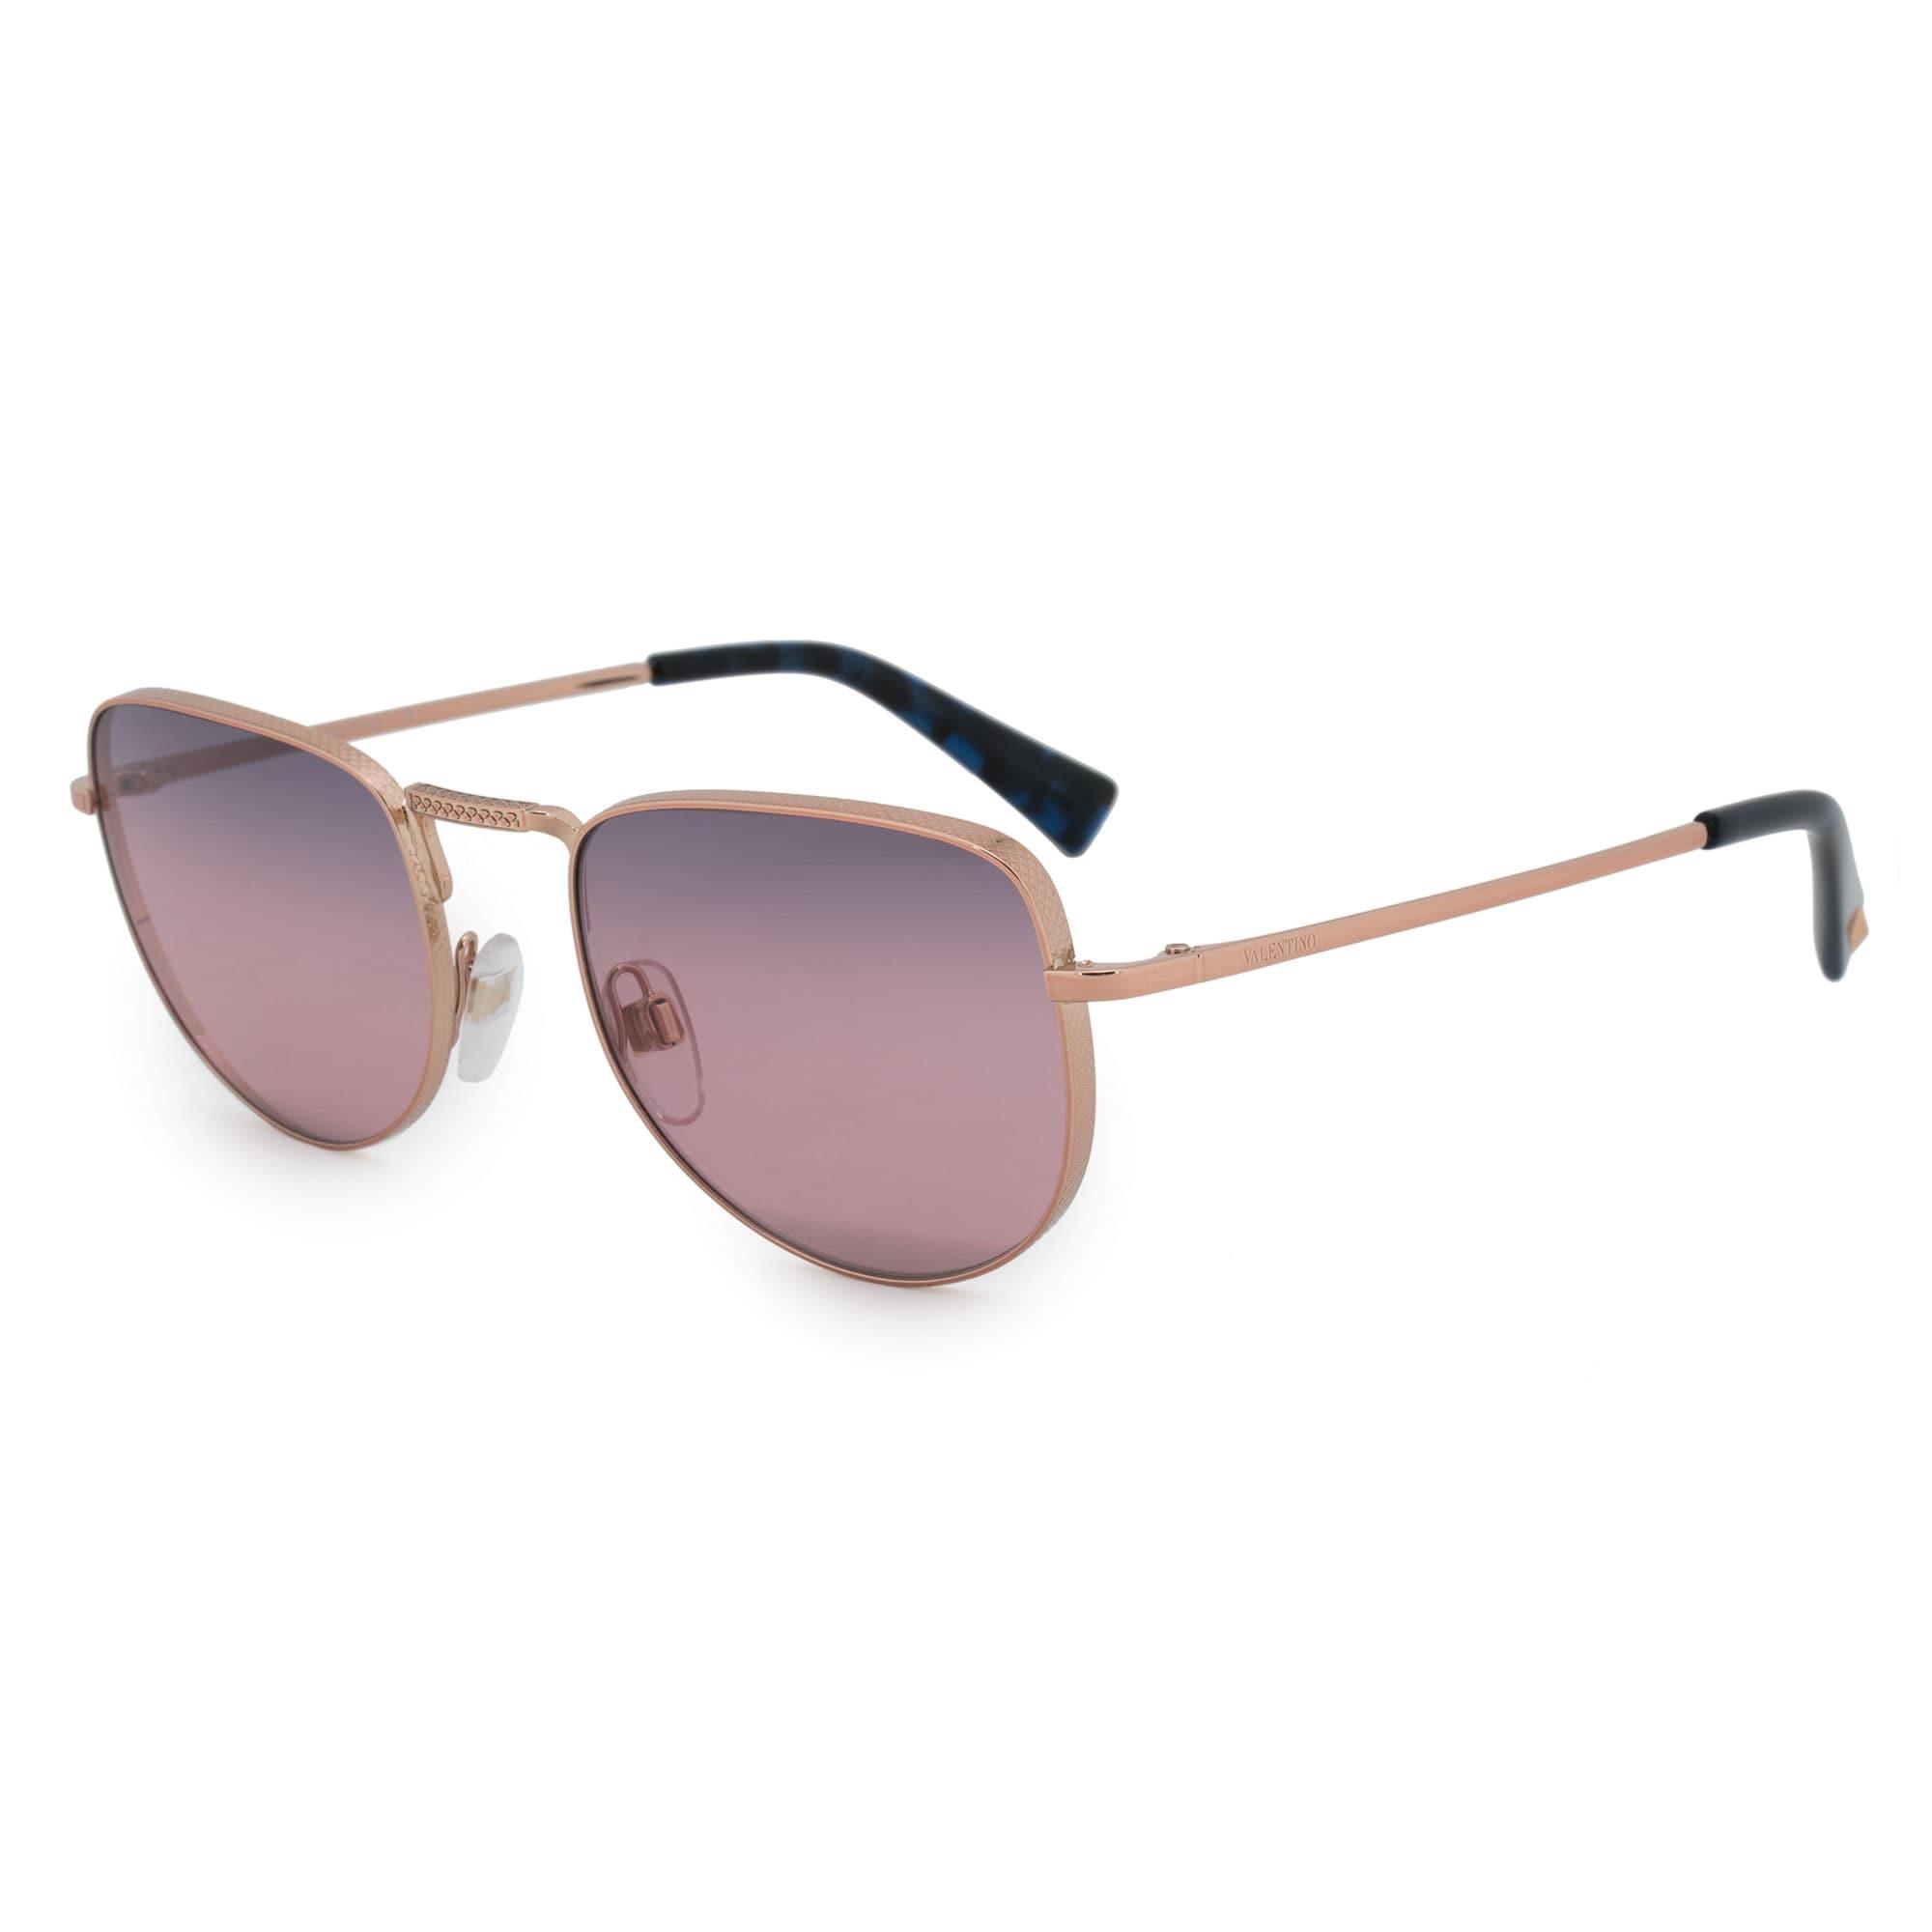 9b5cee447bc Shop Valentino Square Sunglasses VA2012 3004E6 49 - On Sale - Free Shipping  Today - Overstock - 23138930